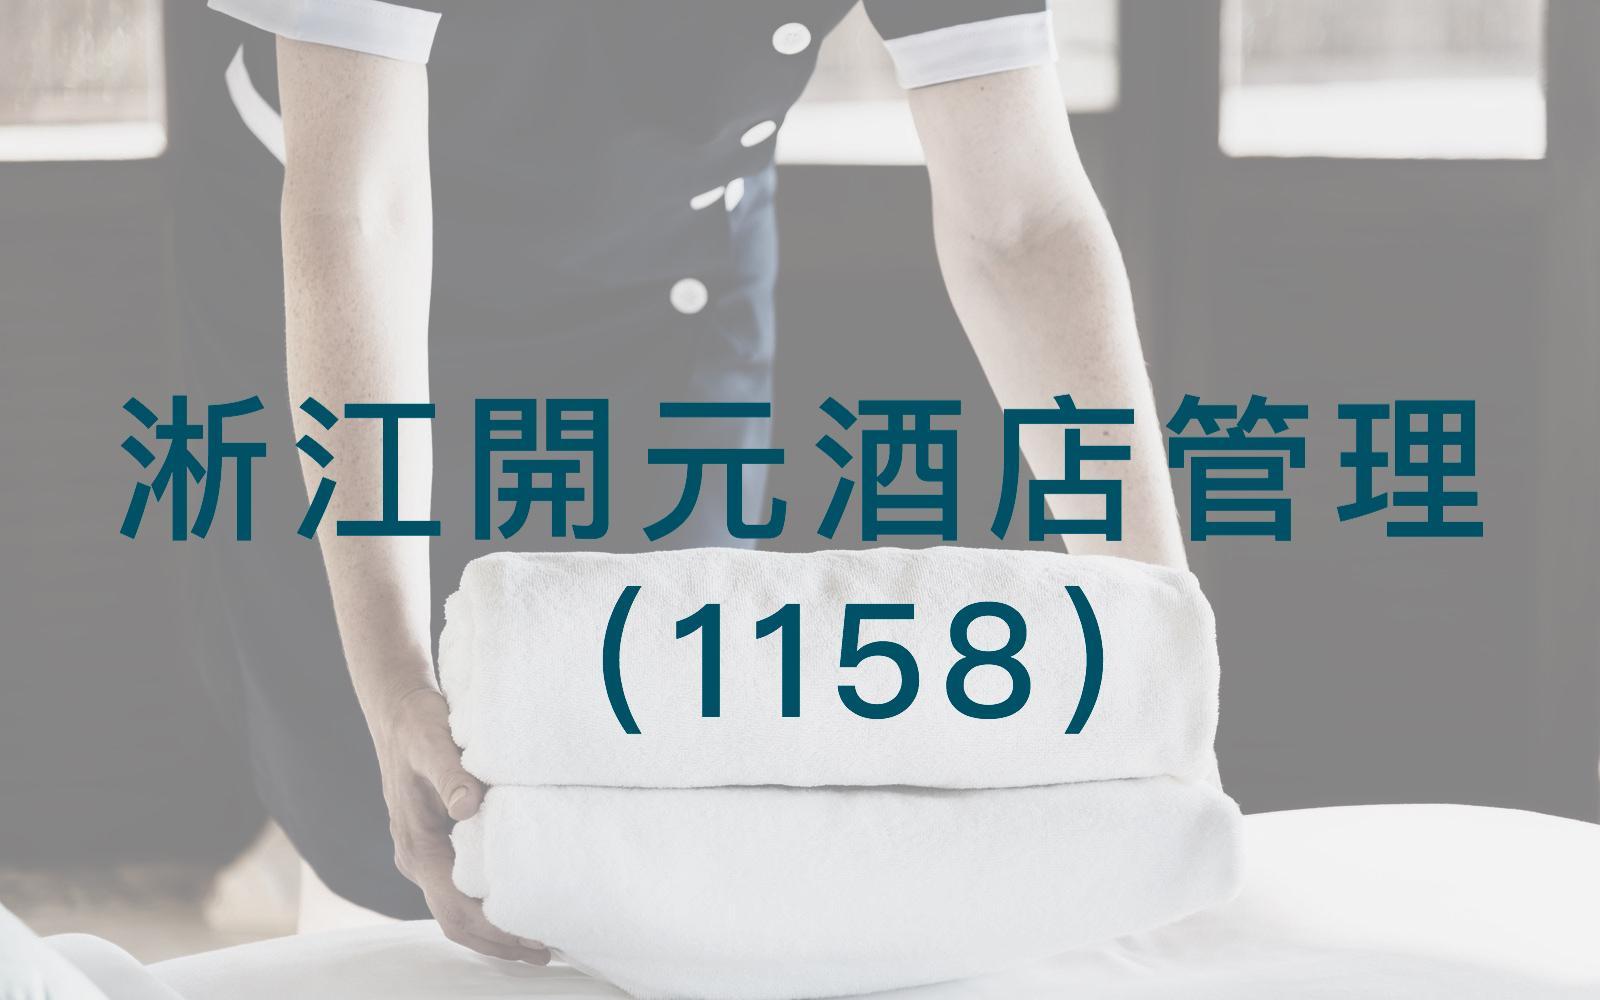 浙江開元酒店管理